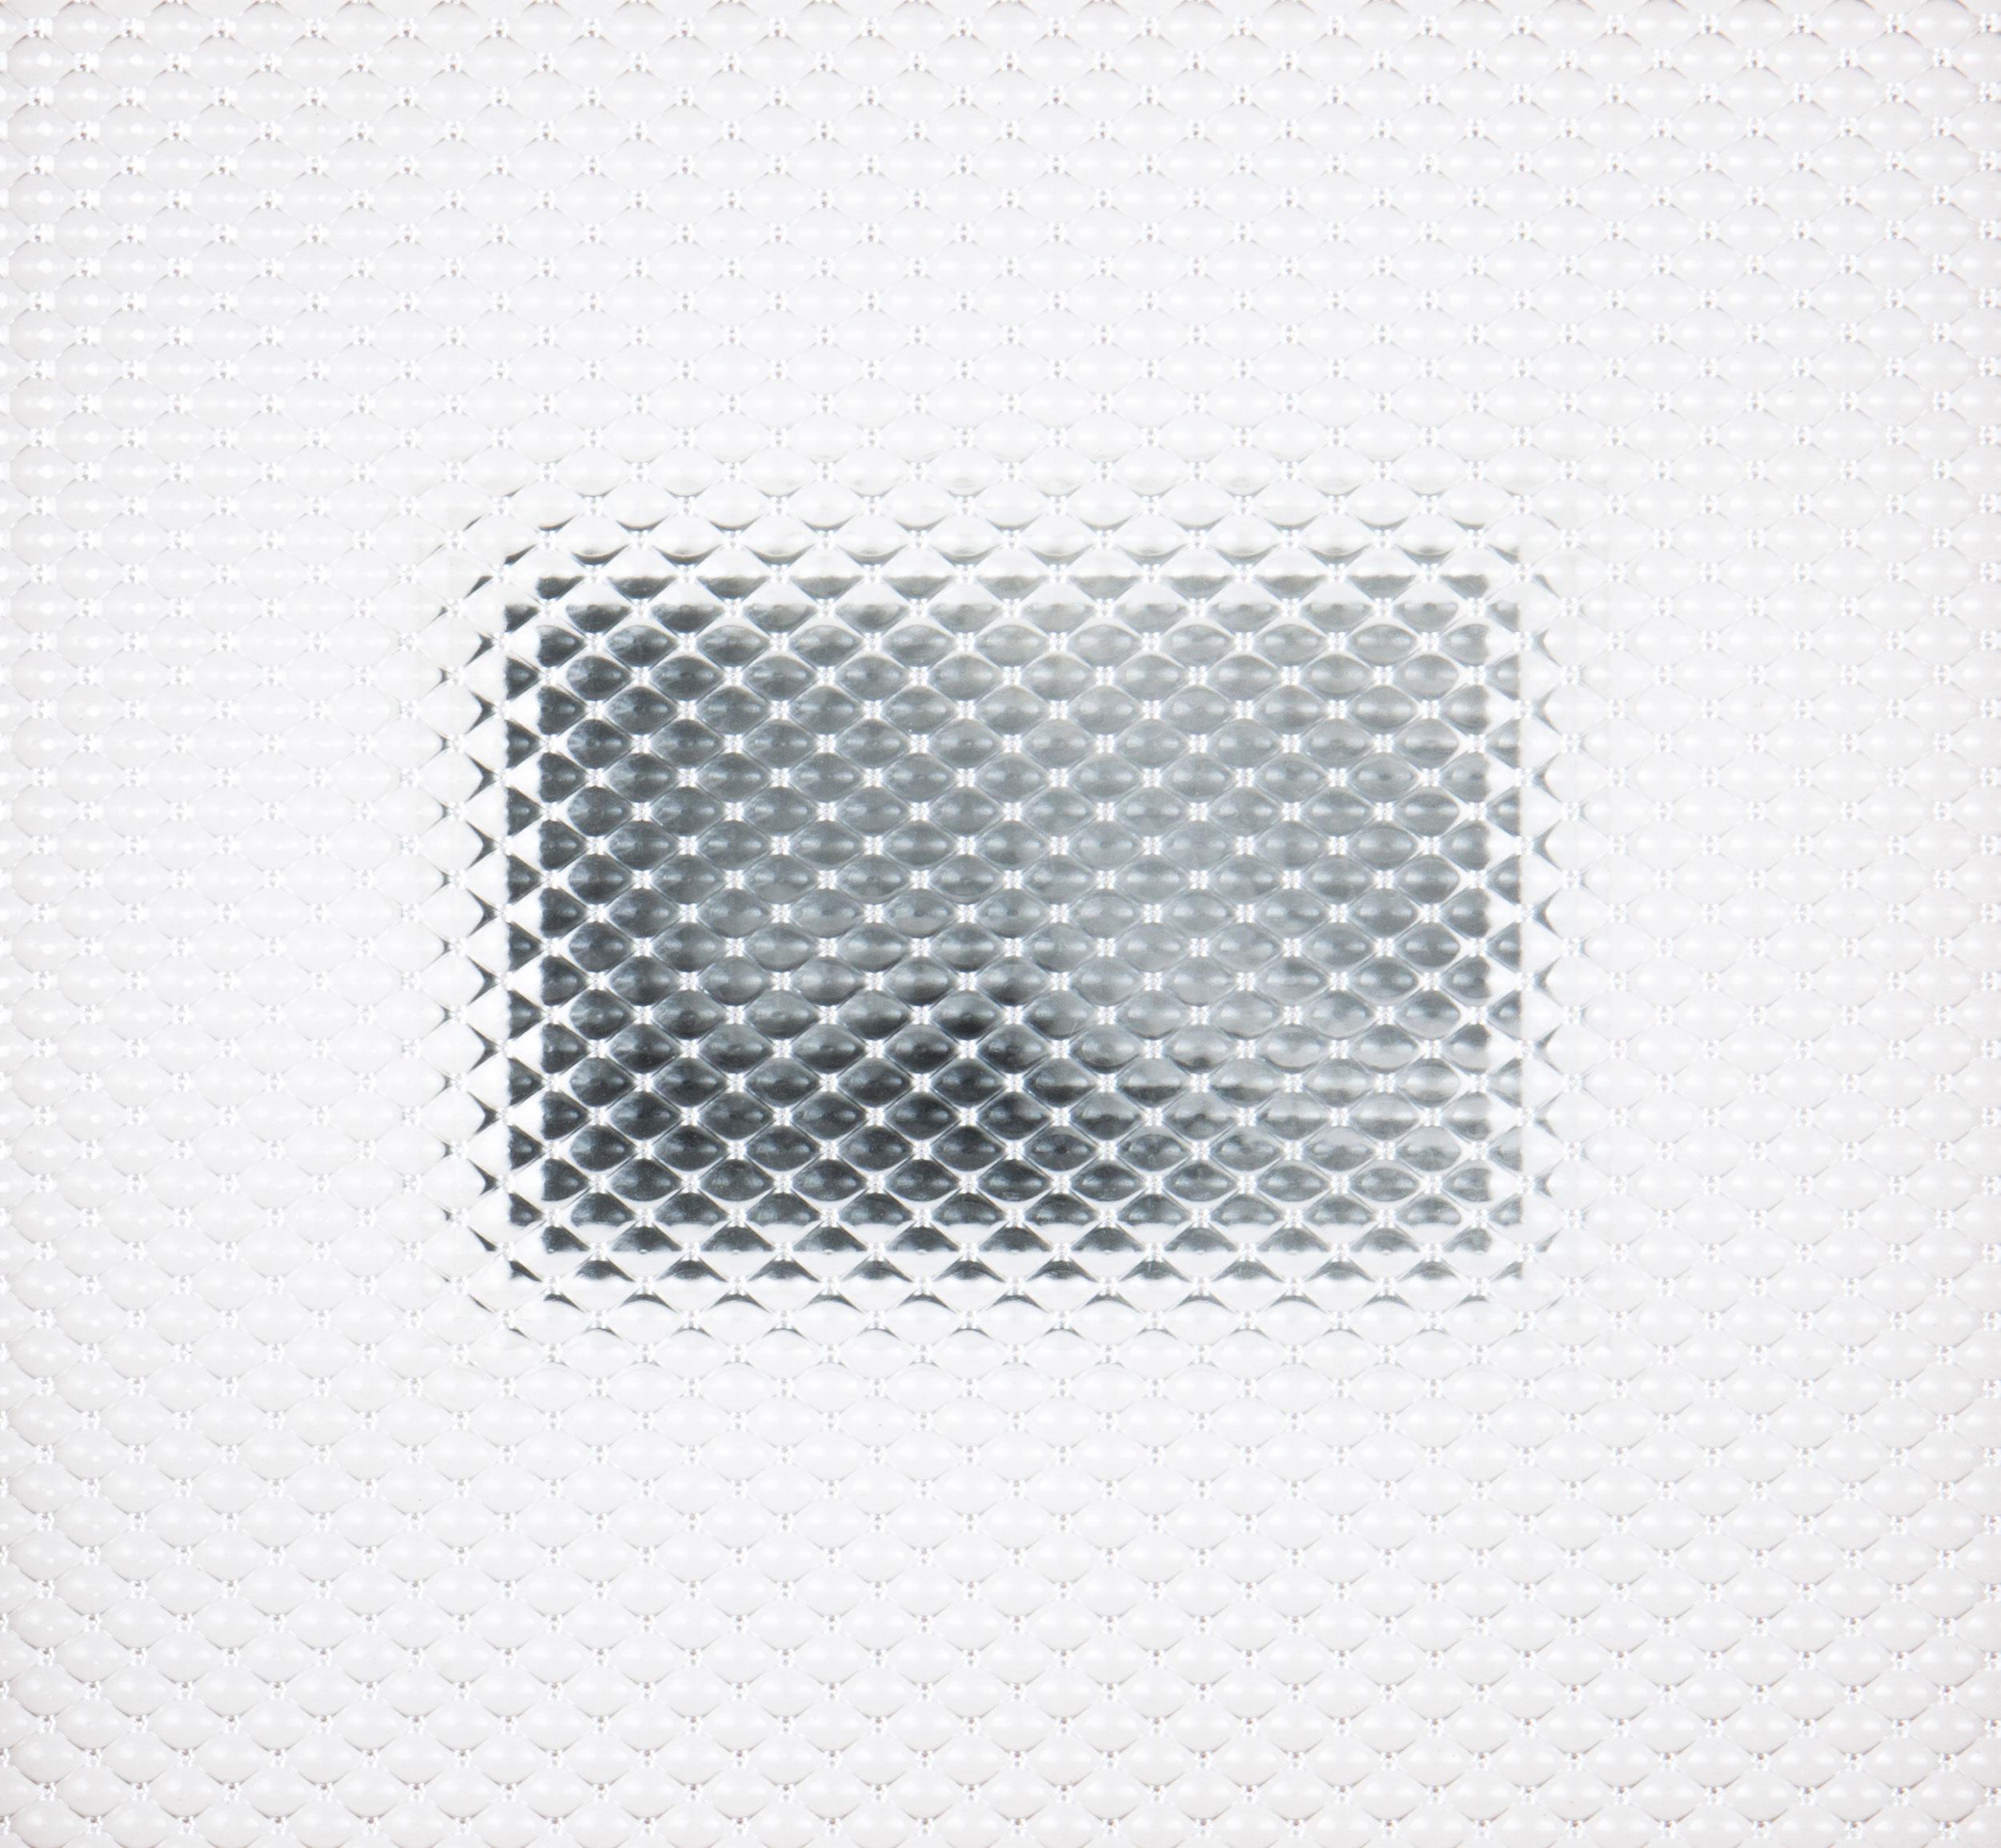 Obscured_Vistas-2.jpg